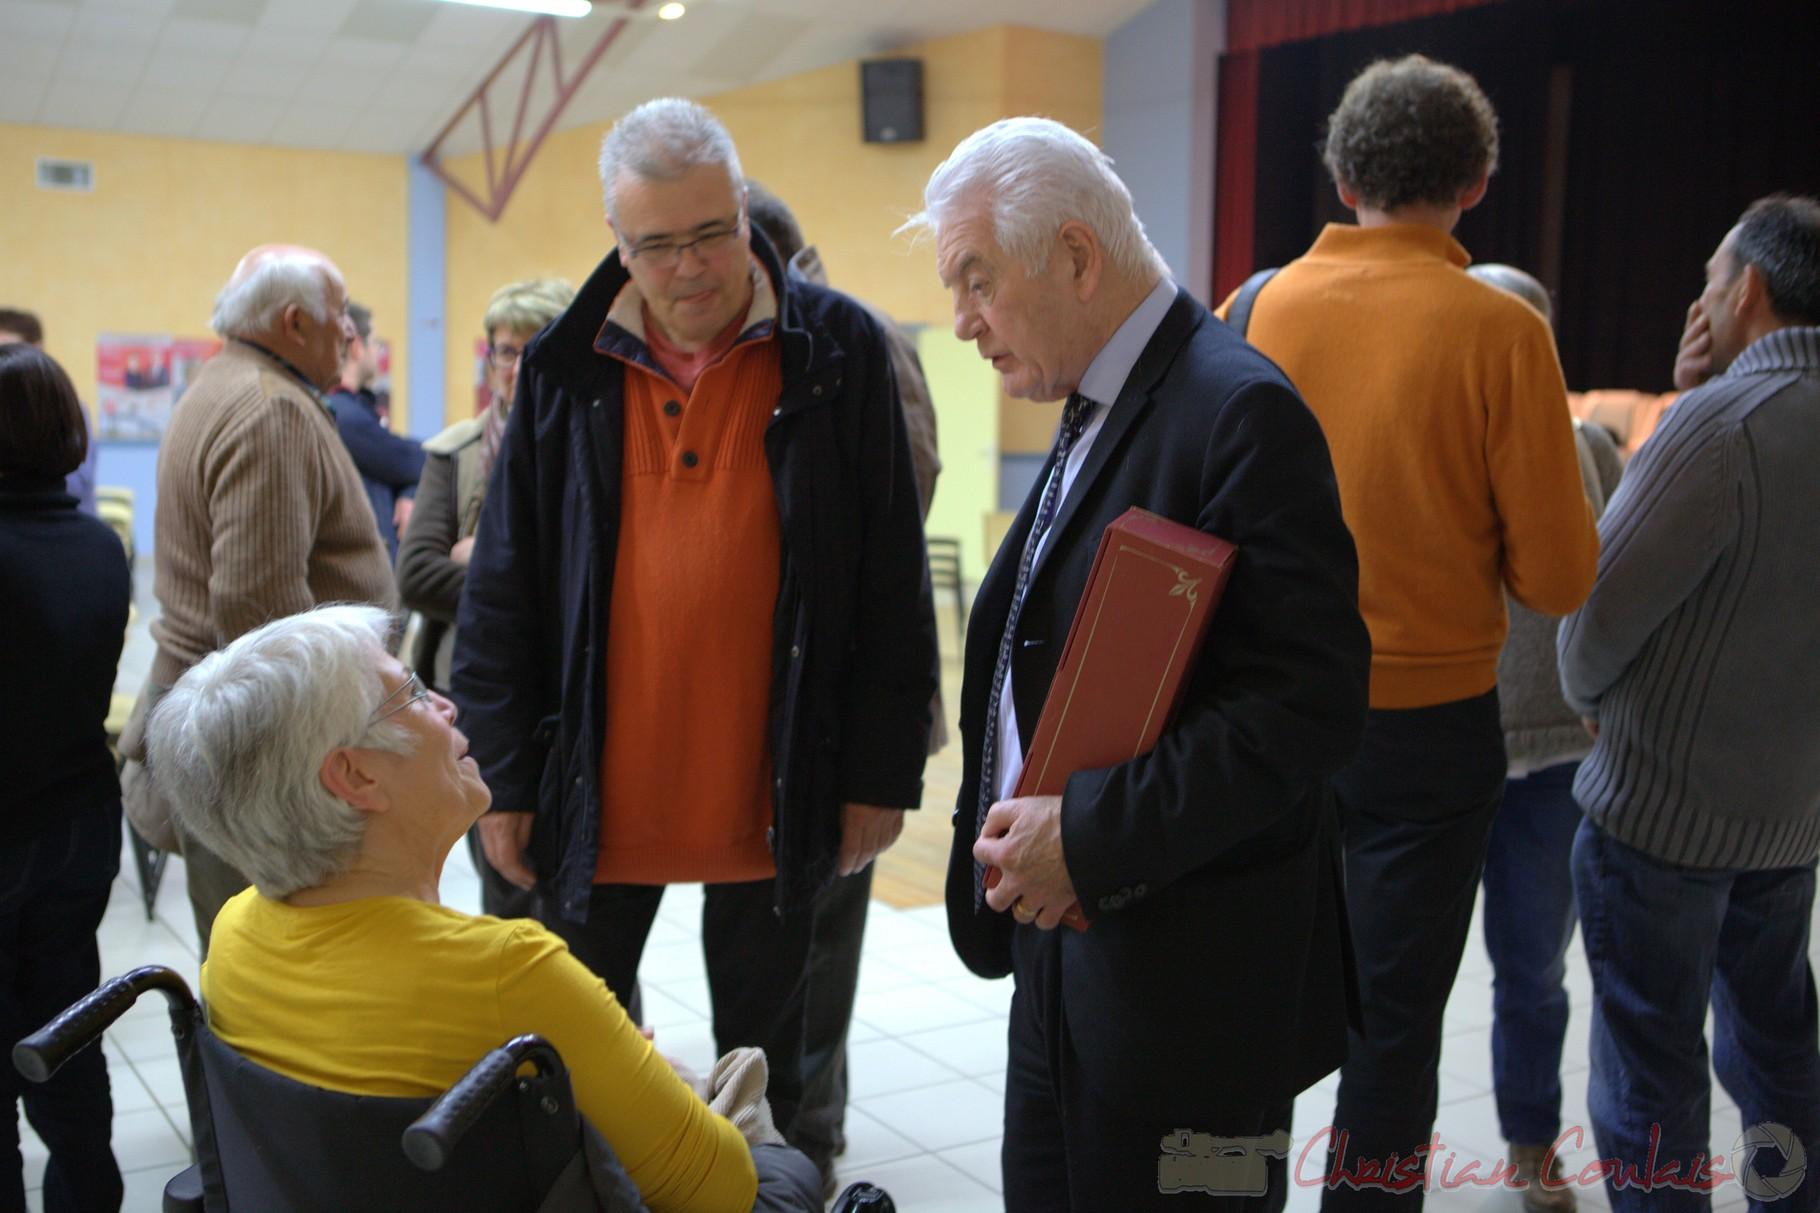 """Poursuite des conversations avec d'autres personnes et Philippe Madrelle, Sénateur, Président du Conseil général de la Gironde. Meeting """"Majorité départementale"""" aux élections départementales de la Gironde, Blasimon, 9 mars 2015"""